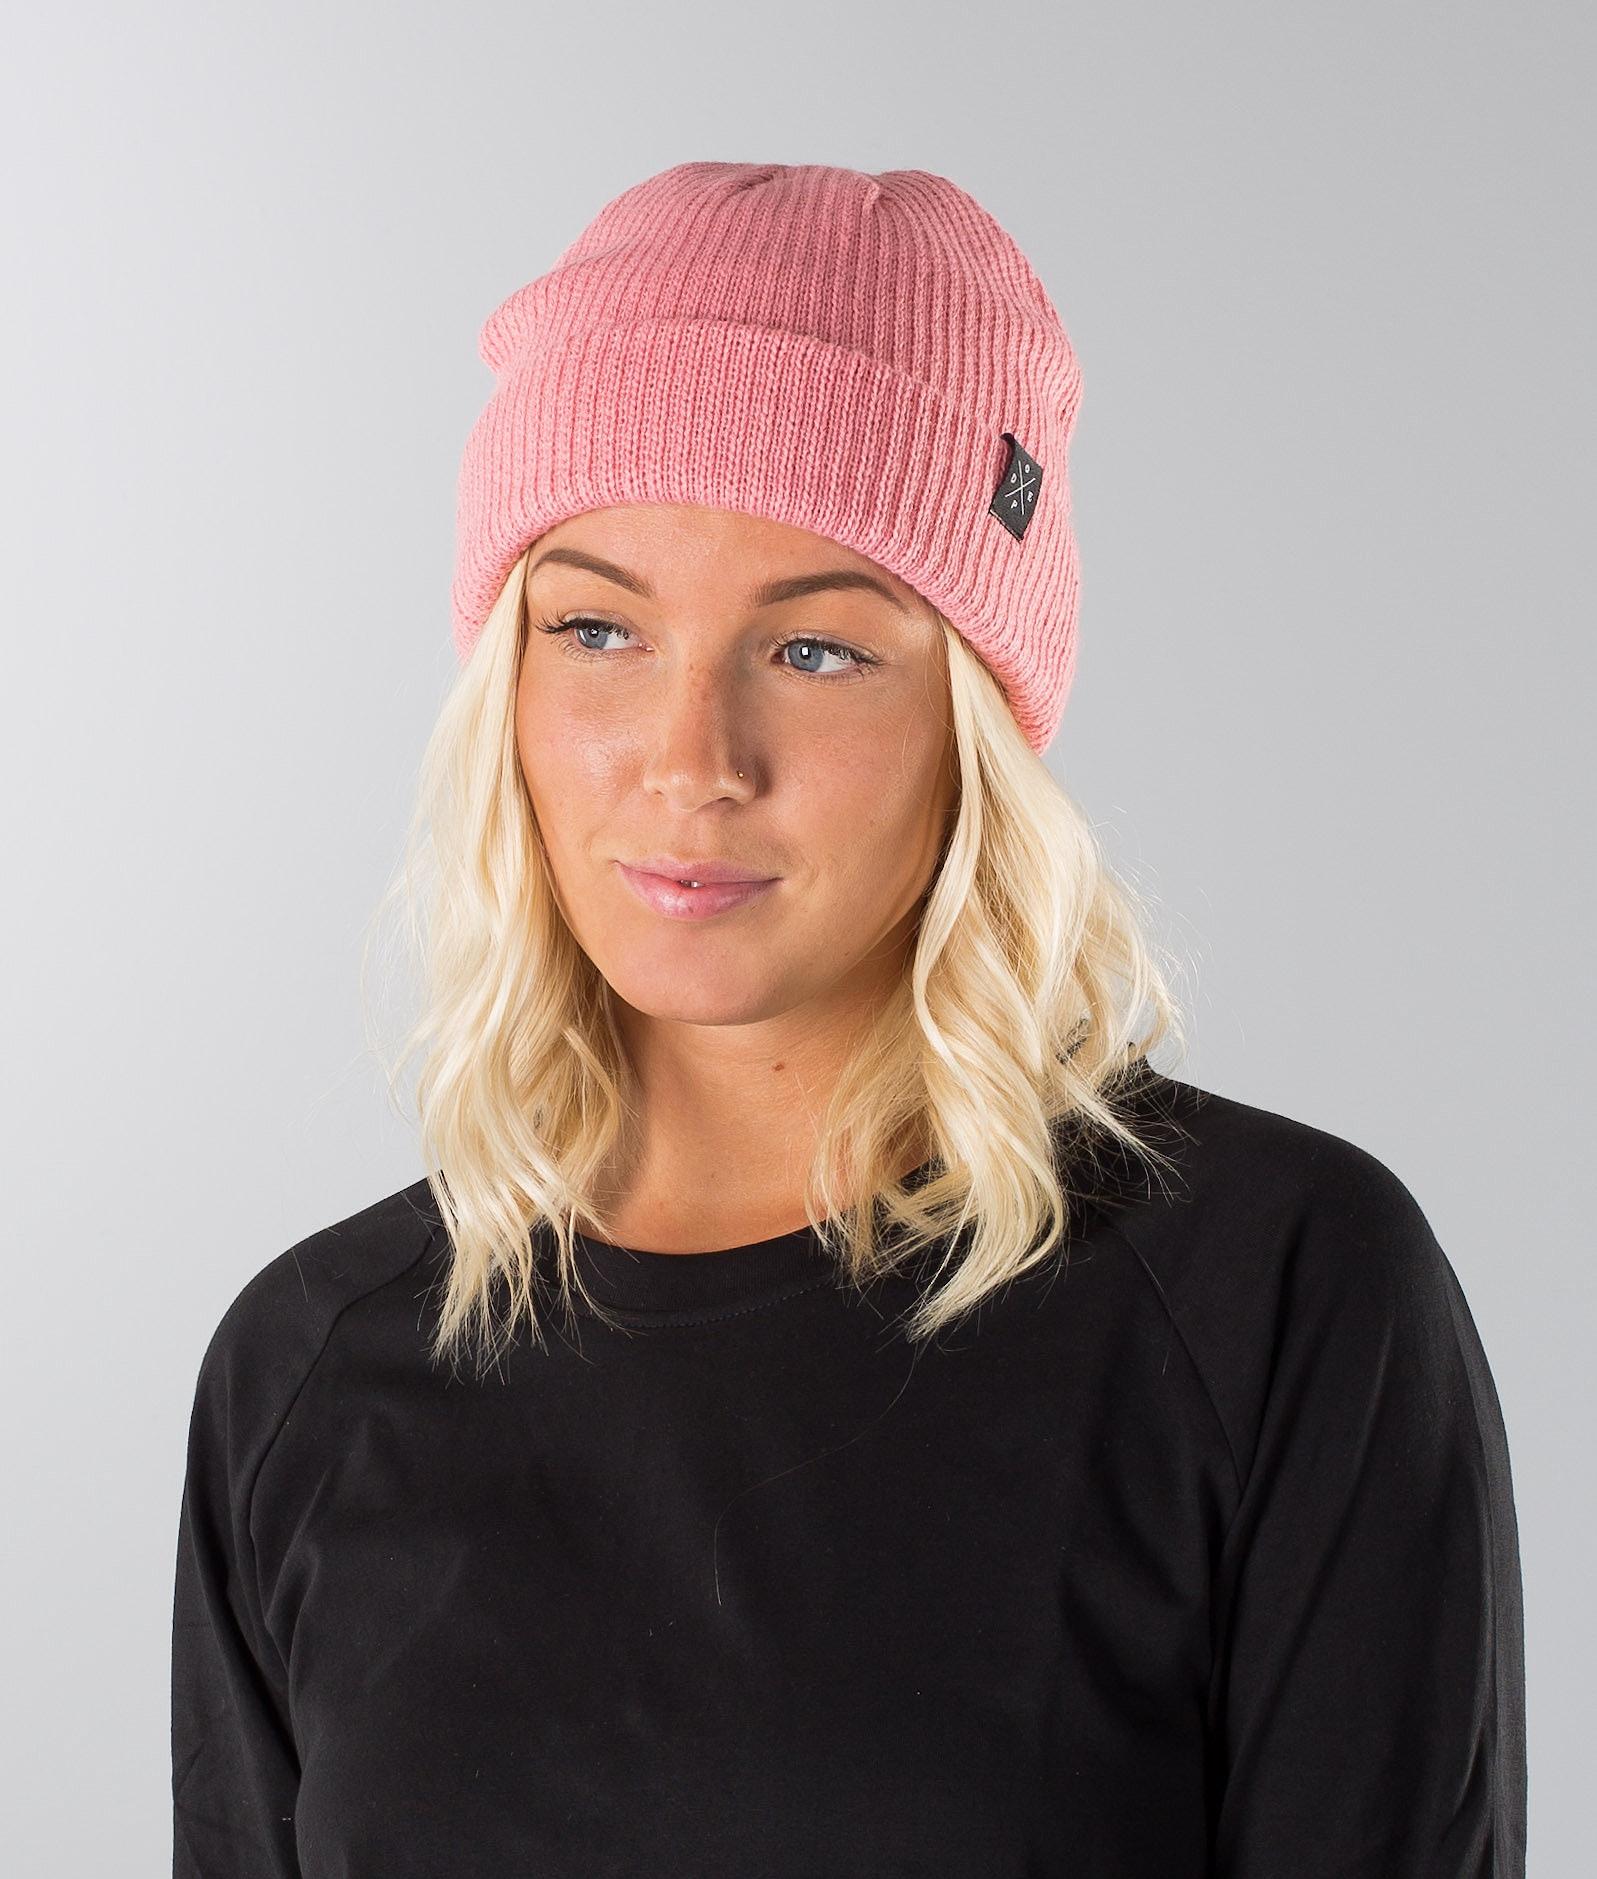 a9d06e65c4810 Dope Drifter Beanie Pink - Ridestore.com